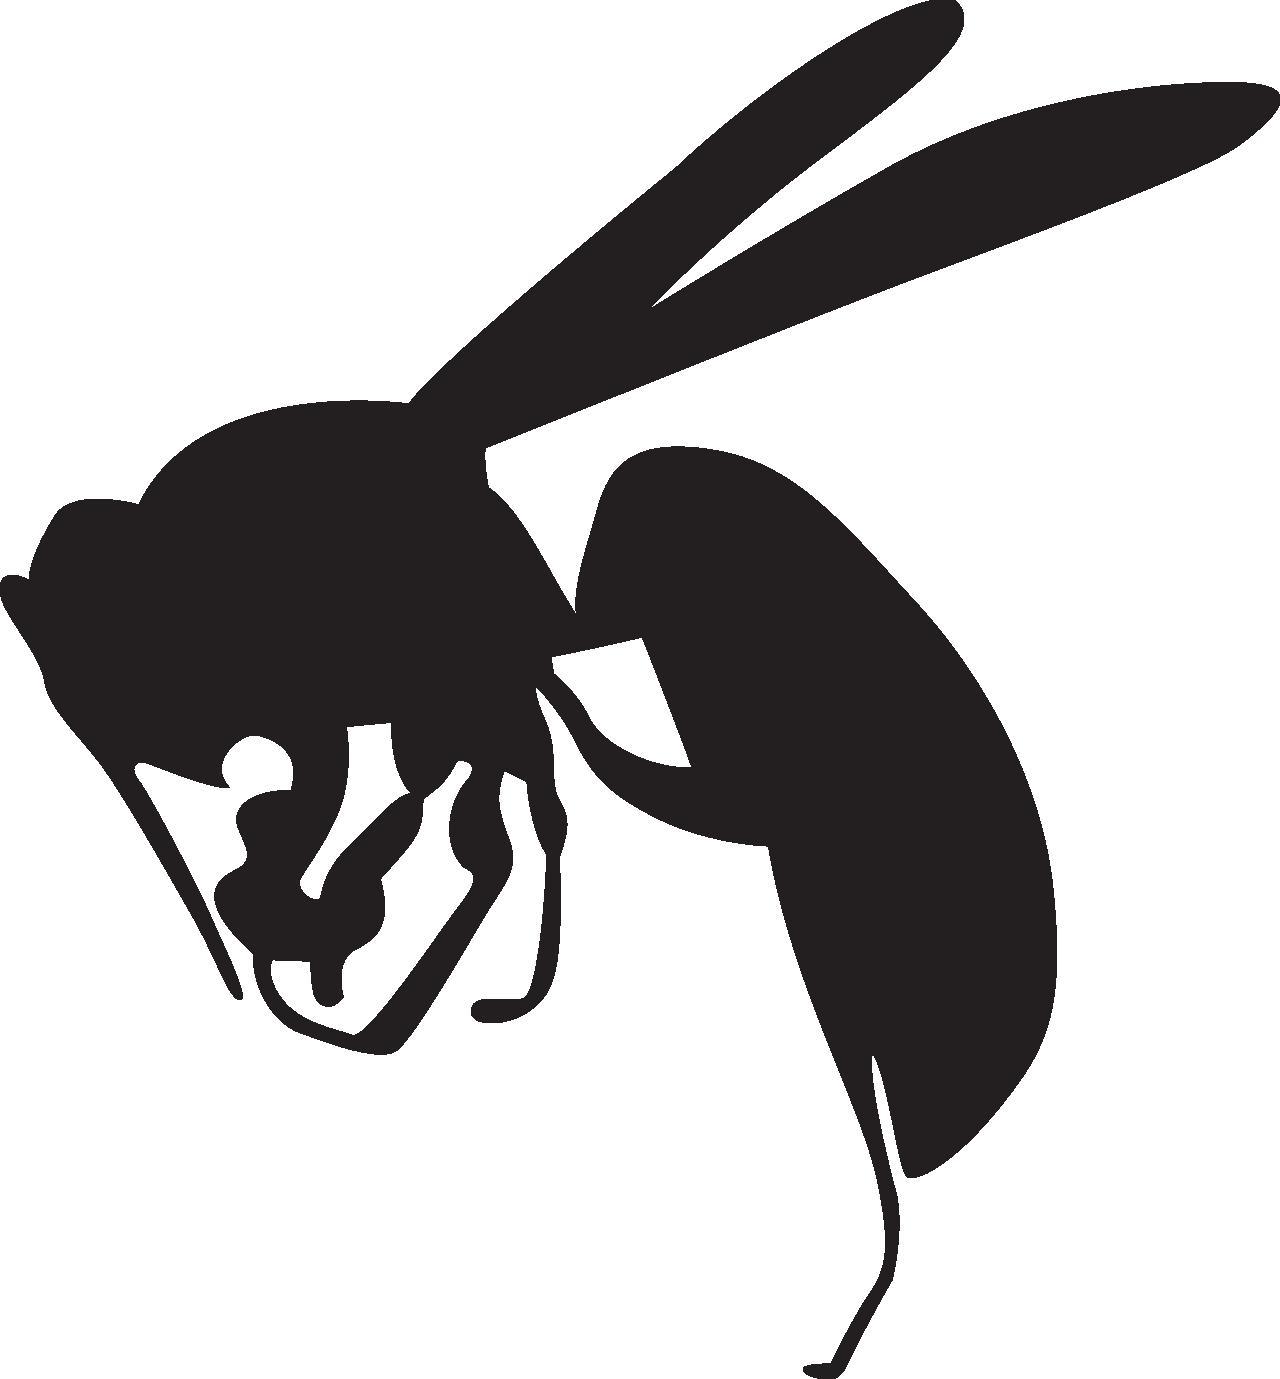 スズメバチに50分間刺されて死亡 女性を救えなかった背景   ガールズ